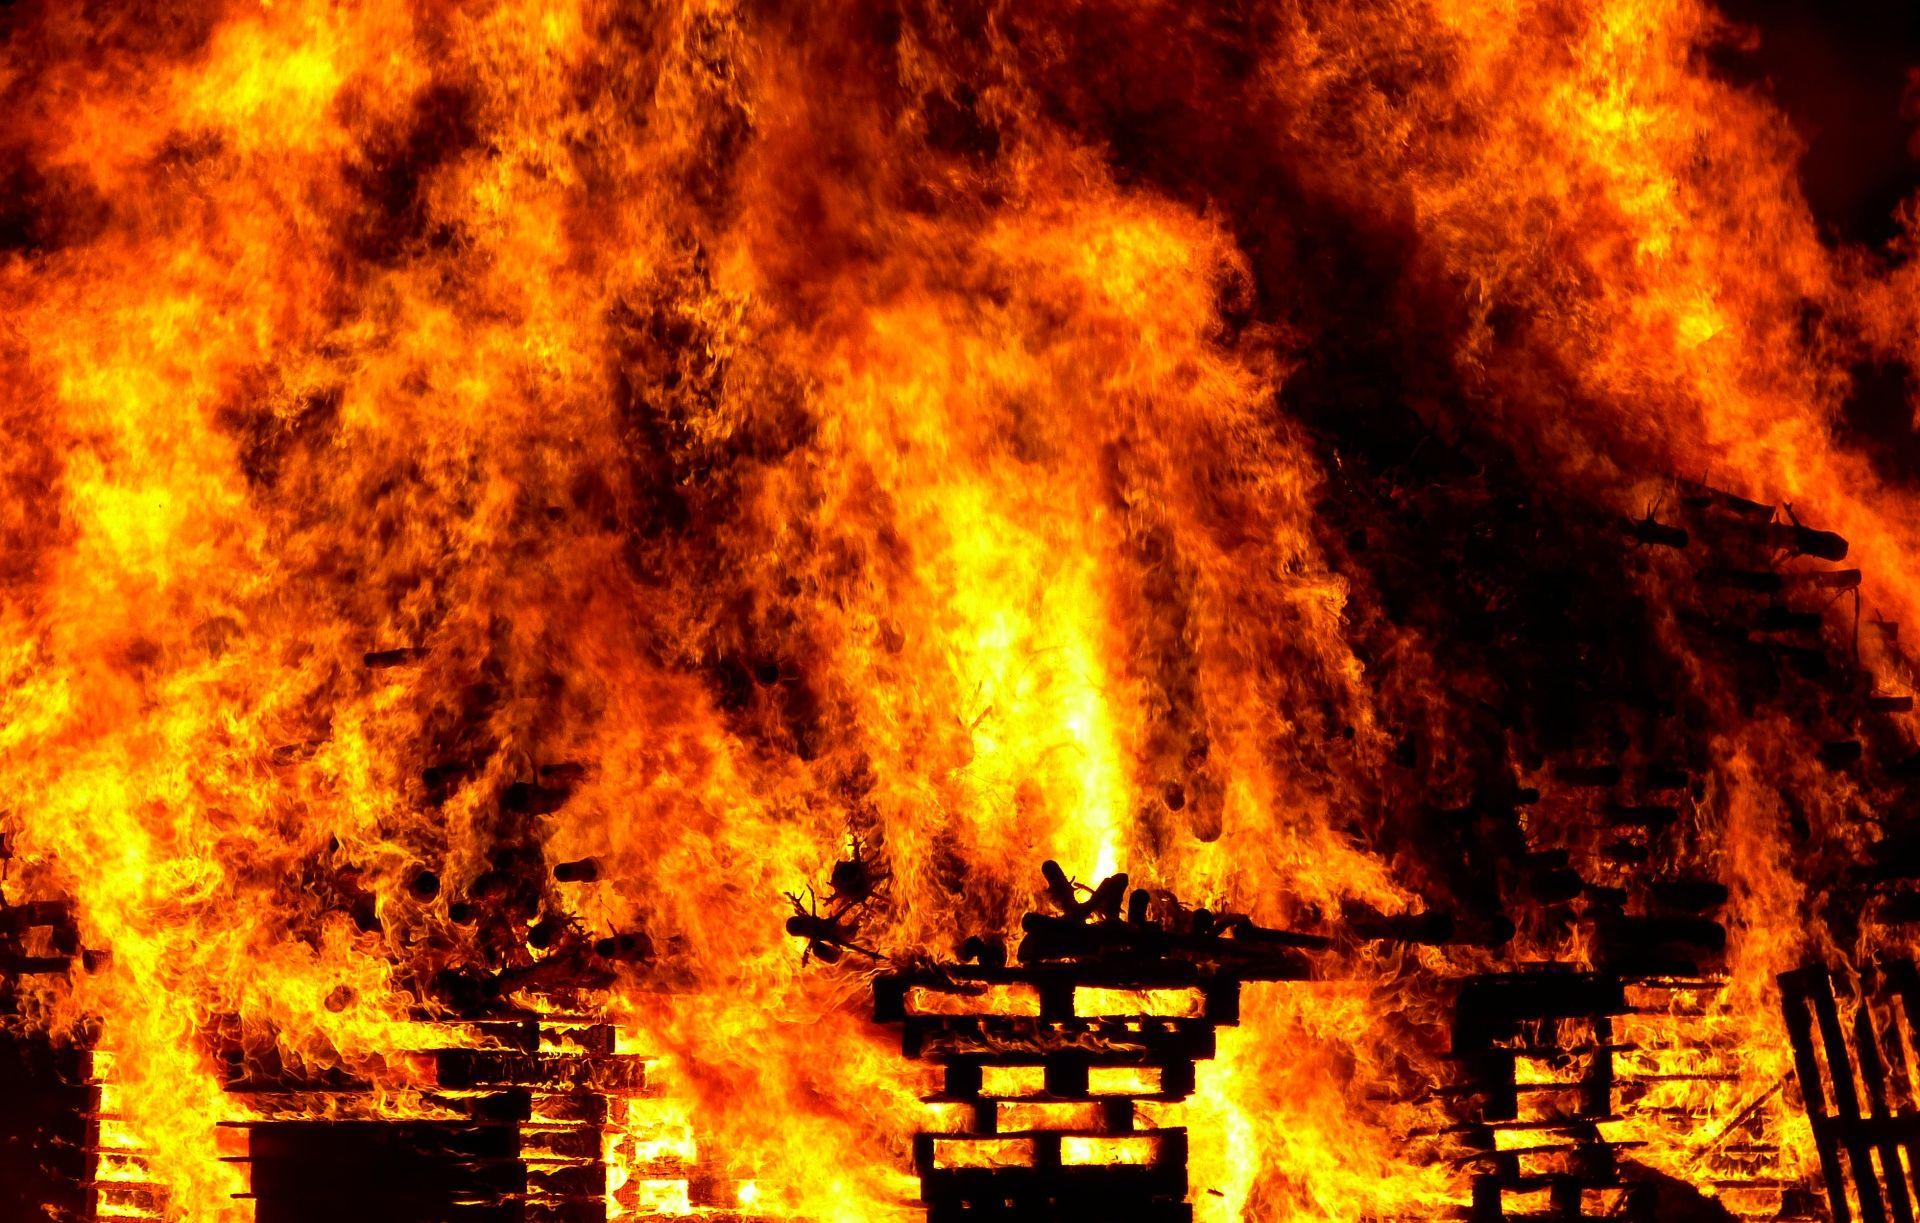 BOSNA U požaru drvene vikendice poginula dva muškarca i 12-godišnji dječak